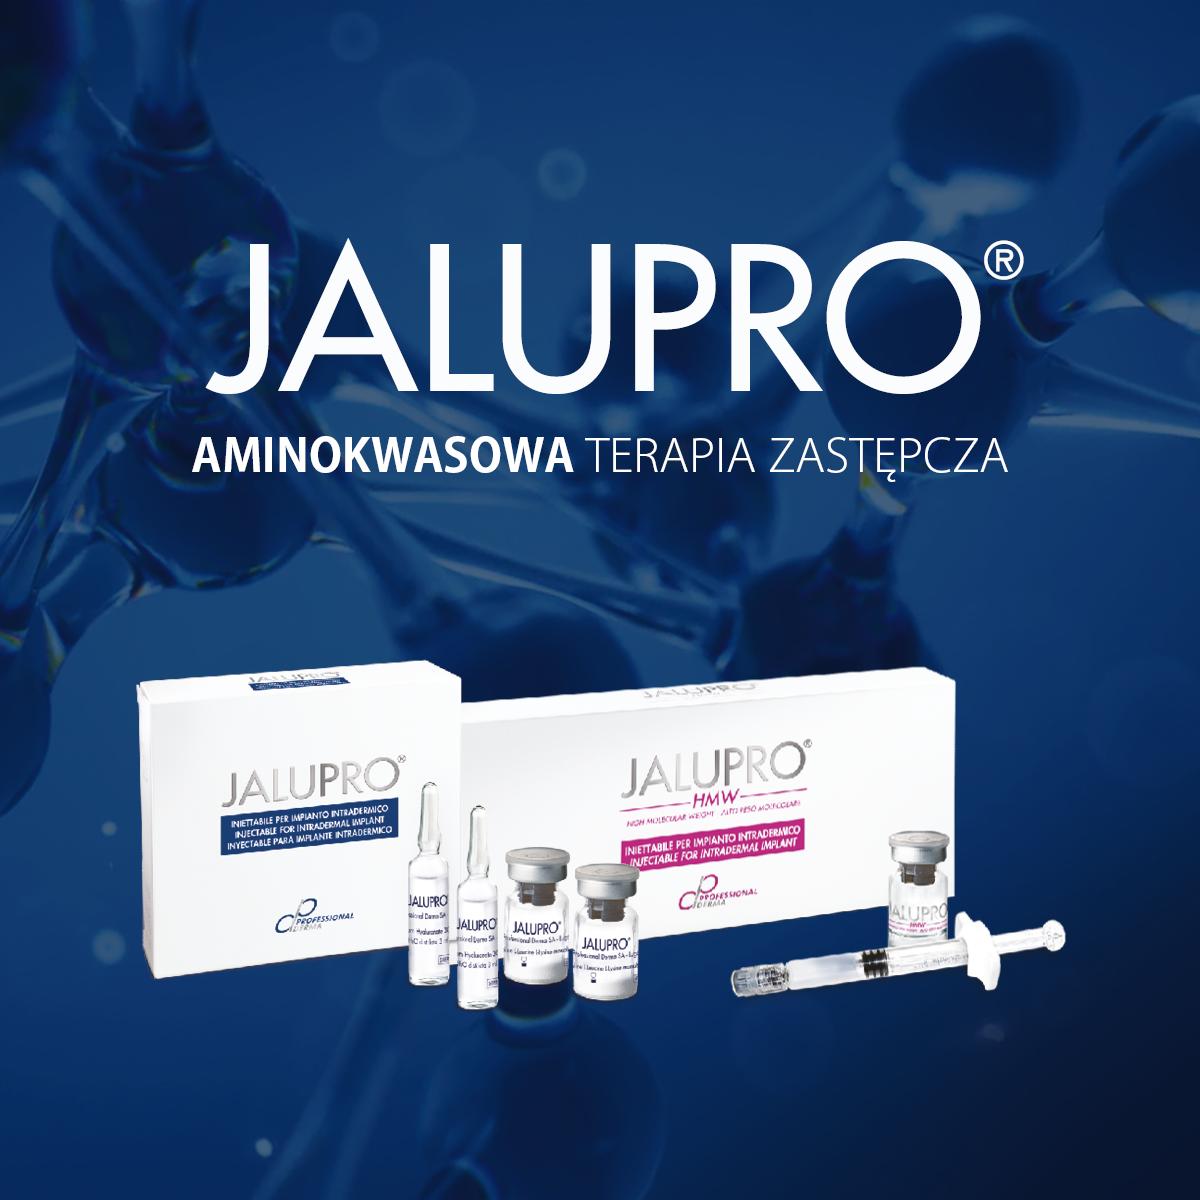 Aminokwasowa terapia zastępcza Jalupro w Warszawie na Bemowie